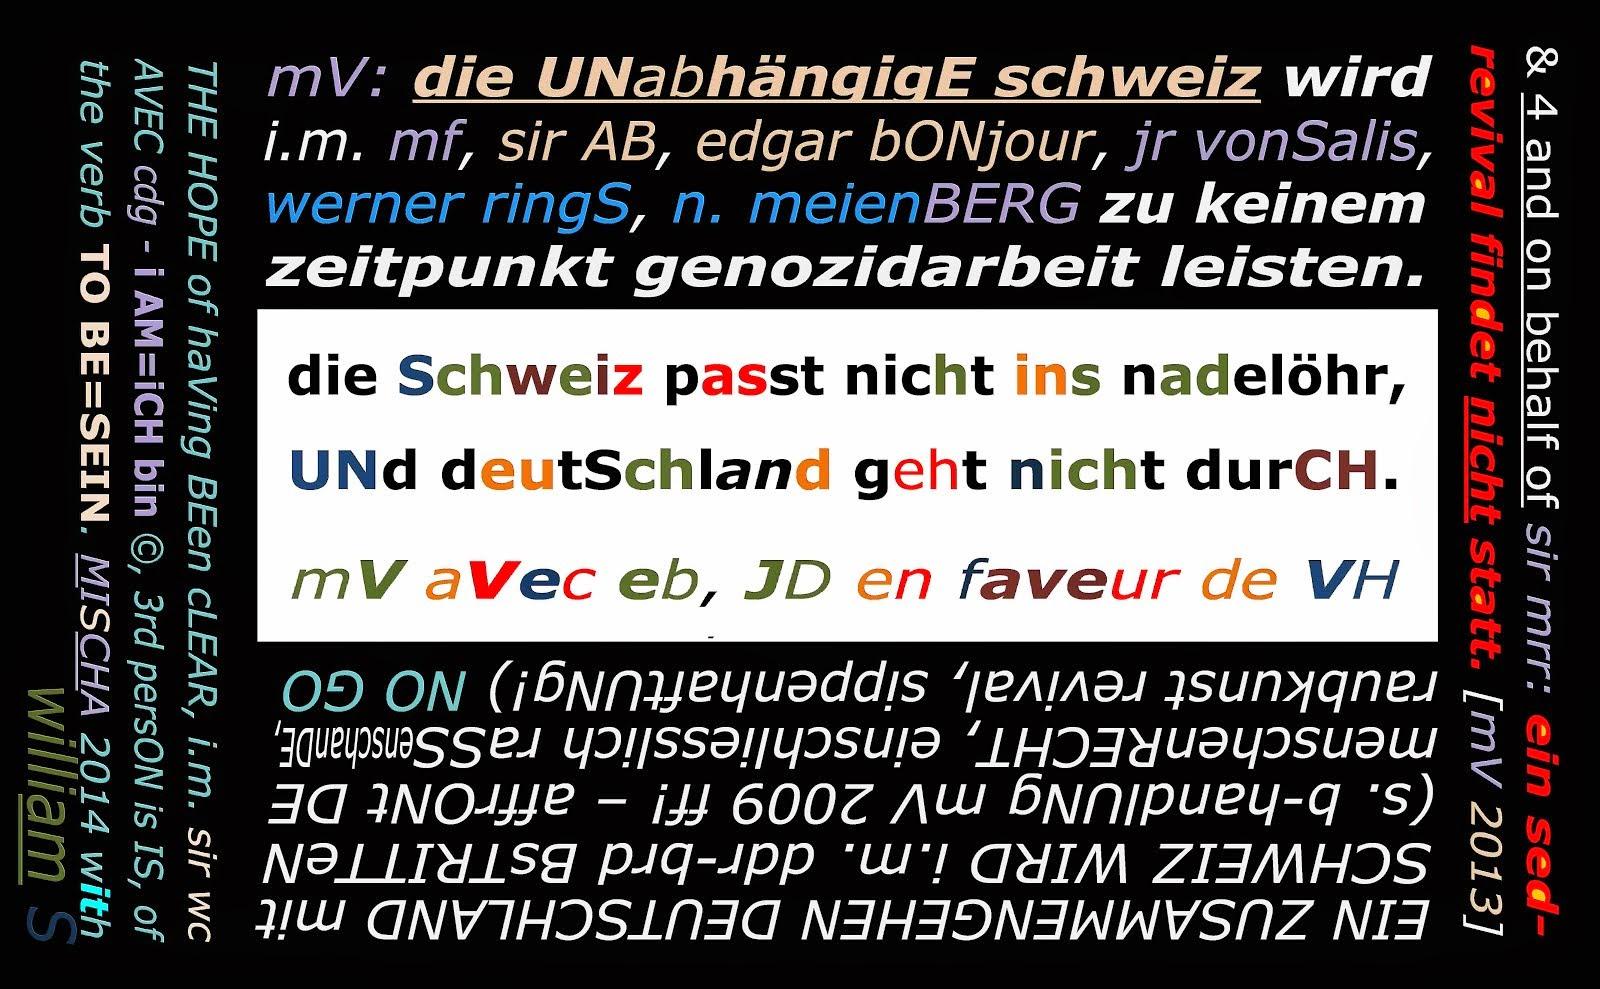 schweiz unabhängigkeit bundesverfassung mishca vetere DIE GEISTIGE REVOLUTION mrr SHAKESPEARE